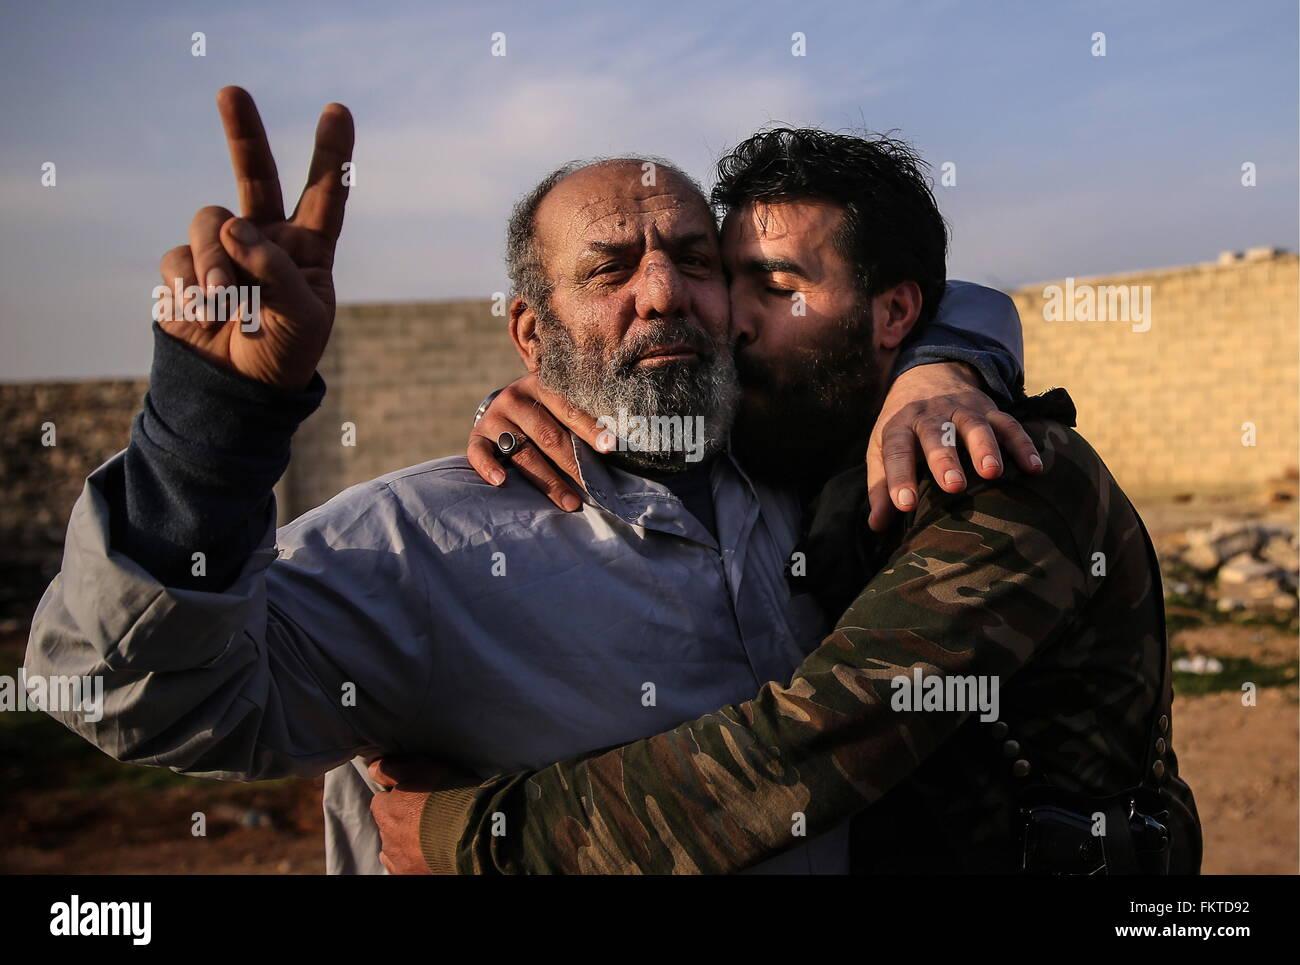 SYRIA. MARCH 10, 2016. Abu Juma (R), a commander of a Jaysh al-Thuwar unit, hugs his unidentified fellow fighterStock Photo